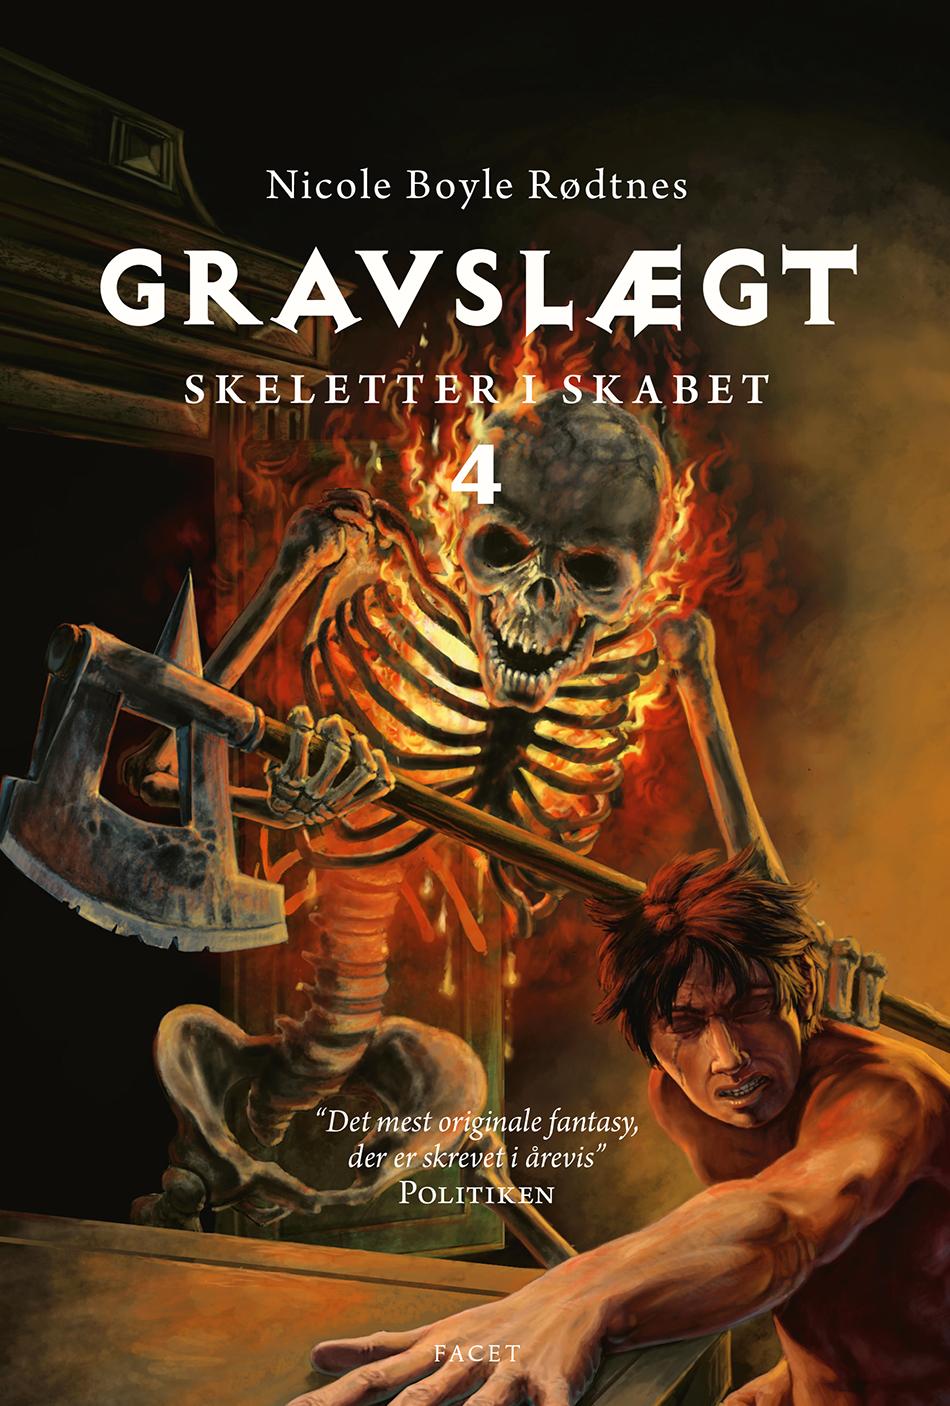 Skeletter i skabet: Gravslægt - Nicole Boyle Rødtnes - Bøger - Facet - 9788793456761 - 14/8-2020